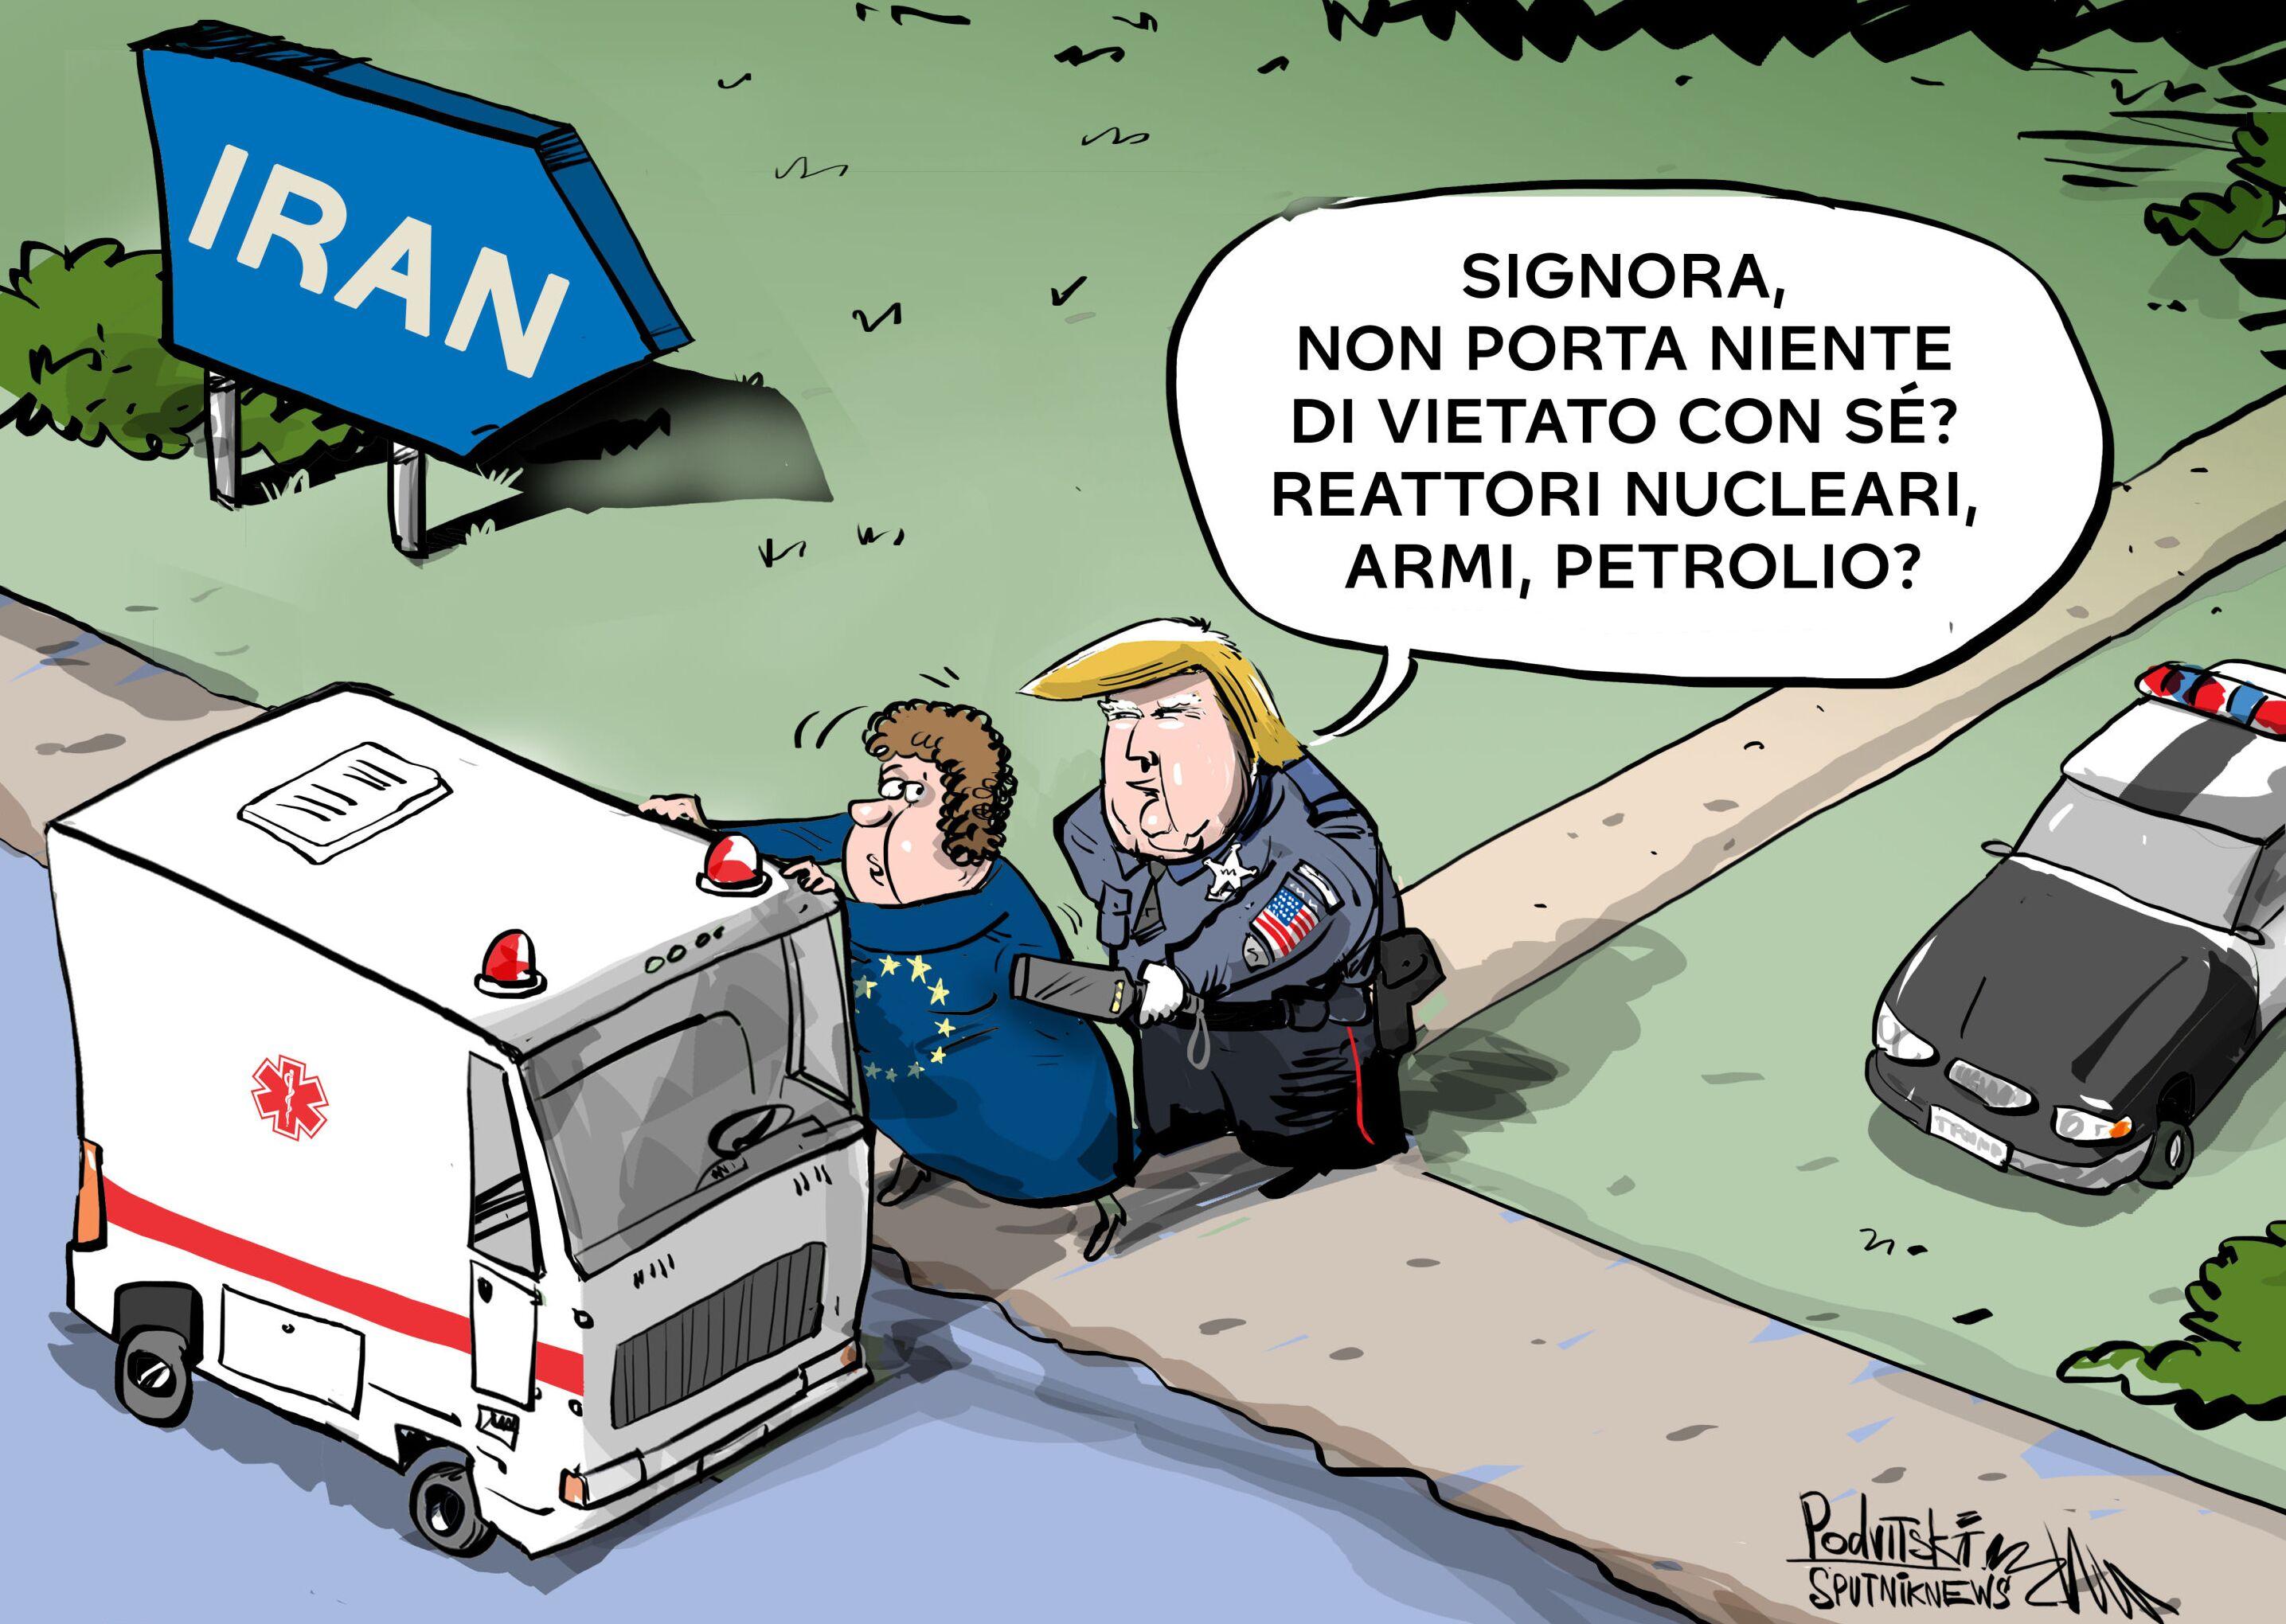 Il presidente degli Stati Uniti Donald Trump ha dichiarato di non opporsi alle forniture francesi di materiali medici all'Iran.